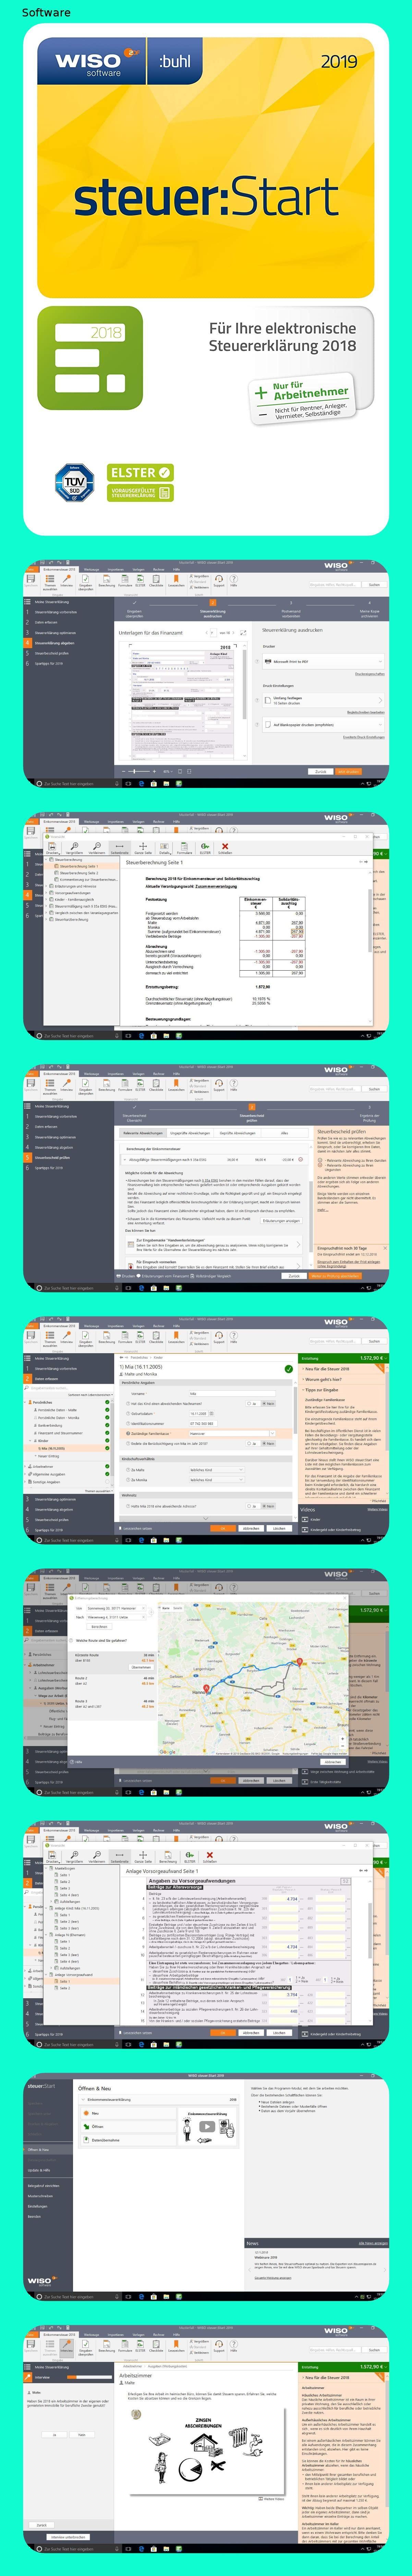 Wiso Steuer Start 2019 Fur Steuerjahr 2018 Aktivierungscode Per Email 148o In 2020 Mit Bildern